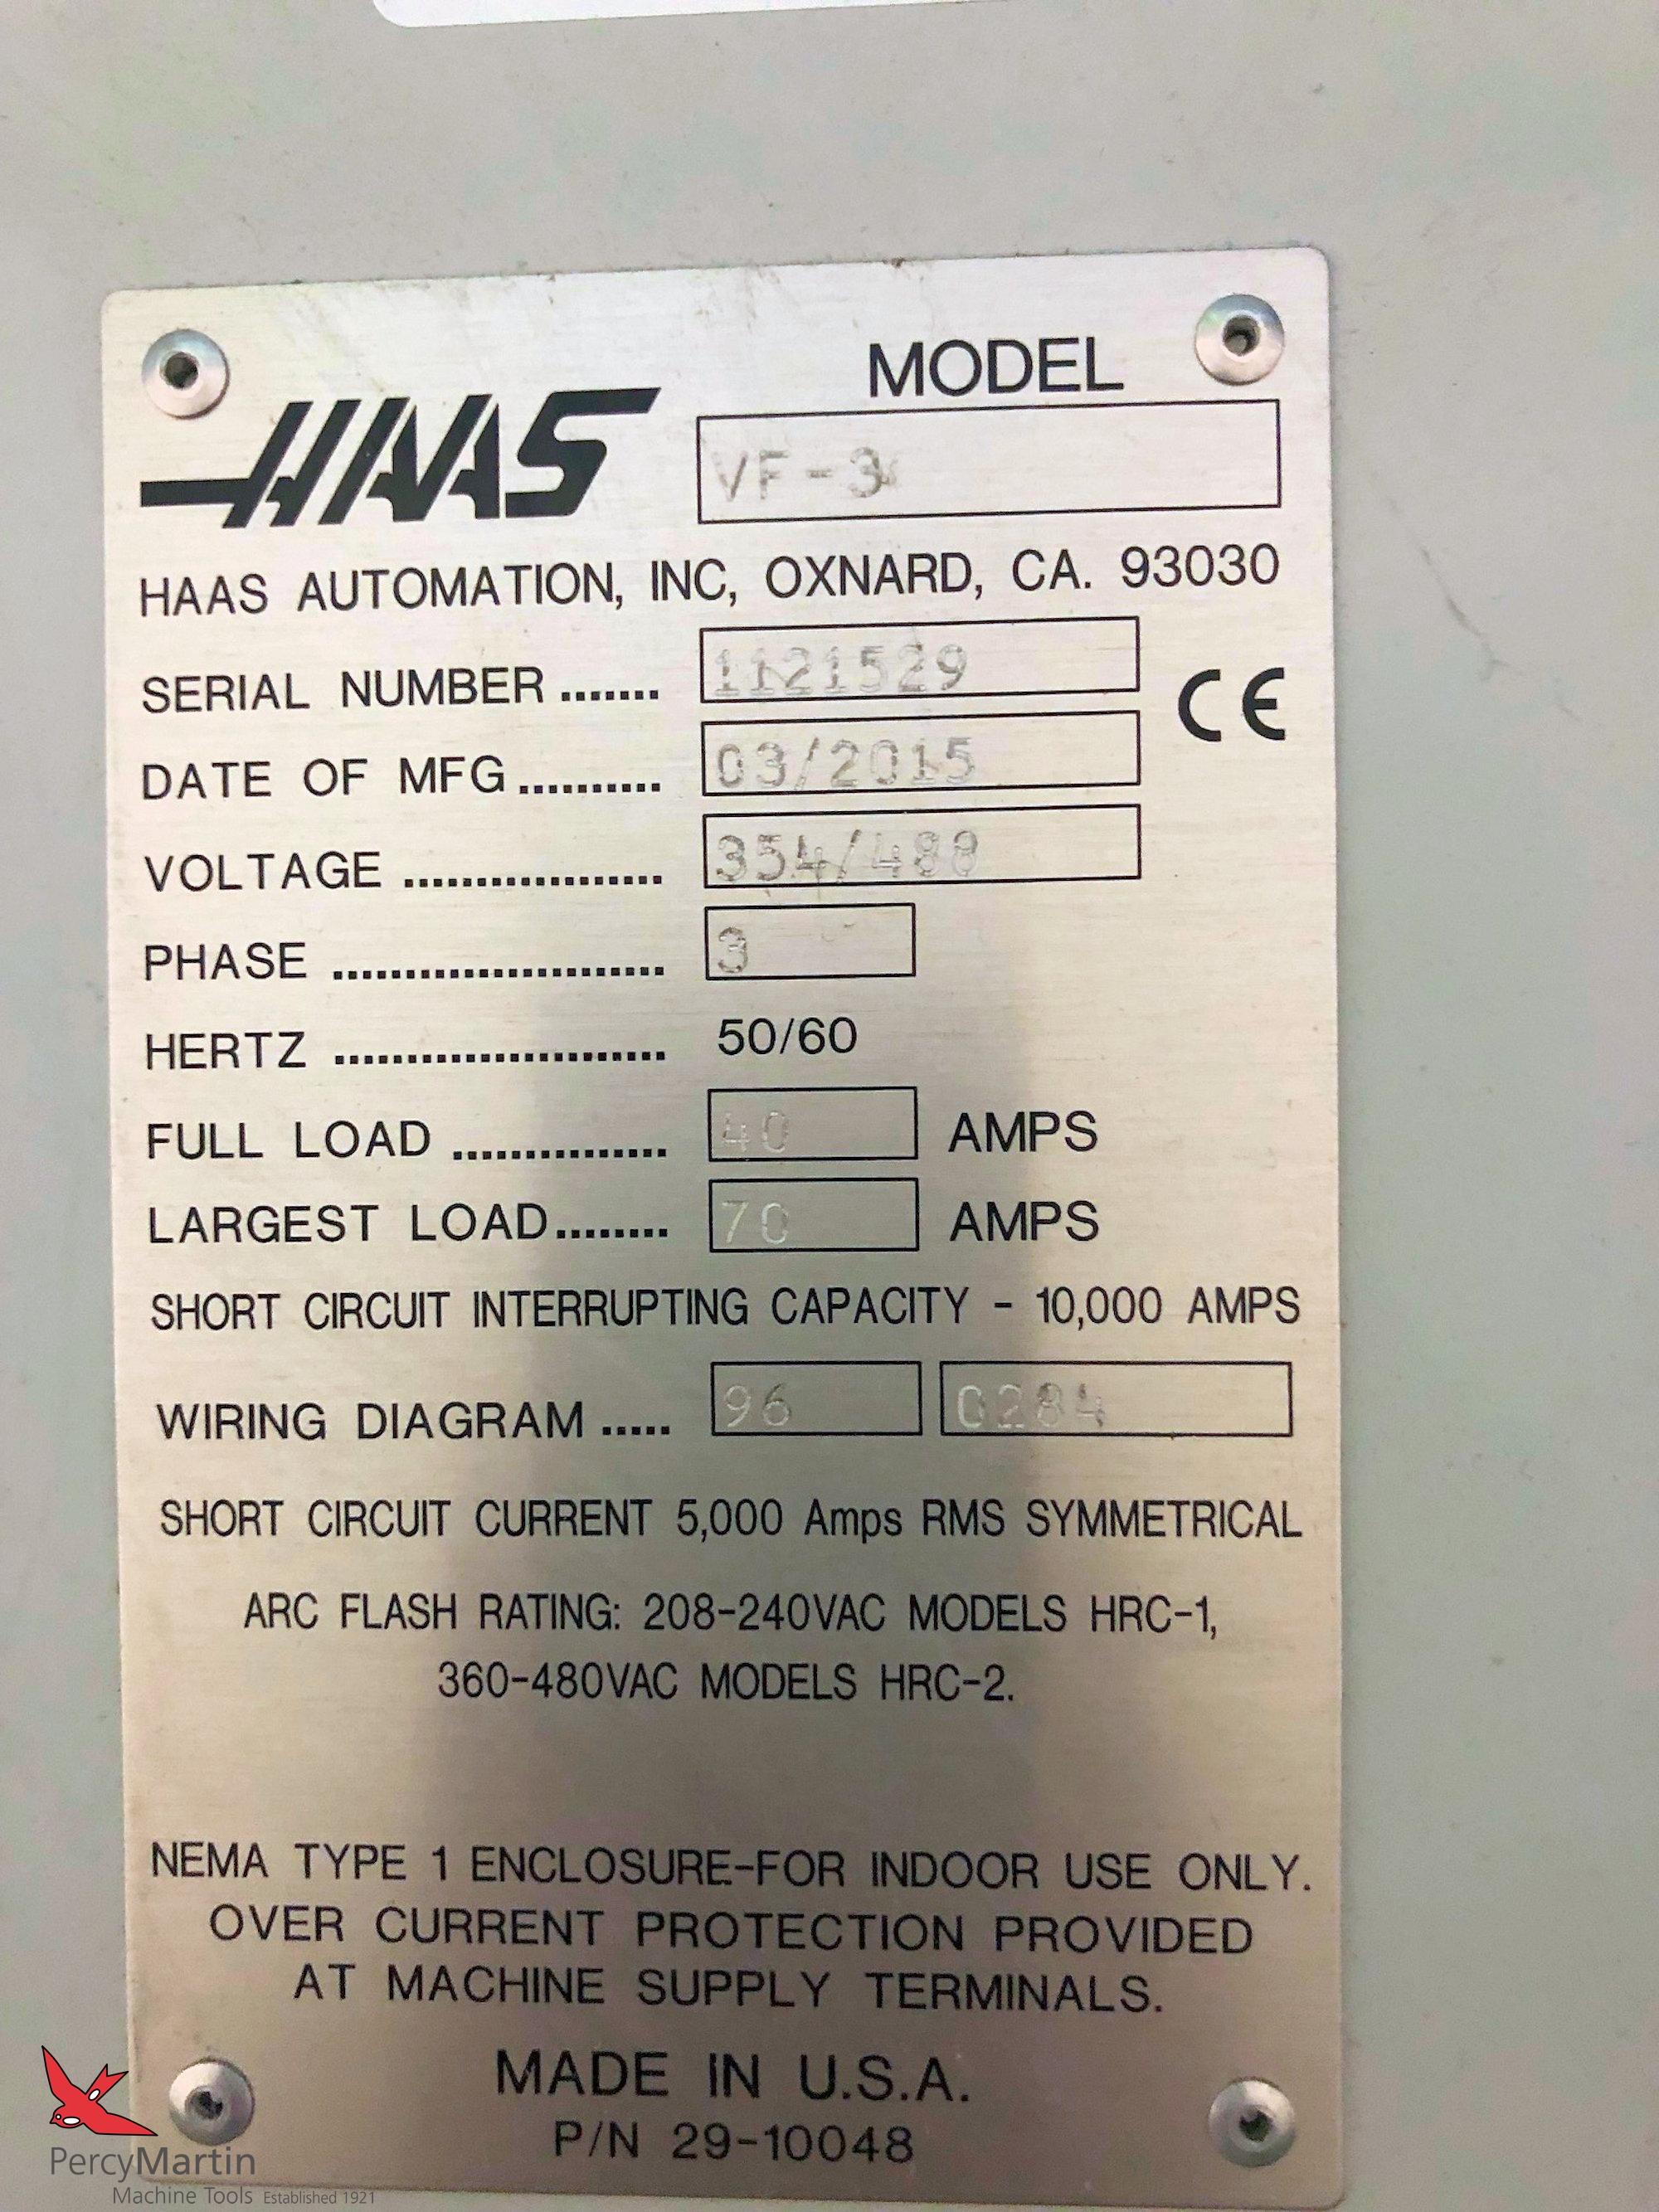 Haas Encoder Wiring Diagram - Wiring Schematics on